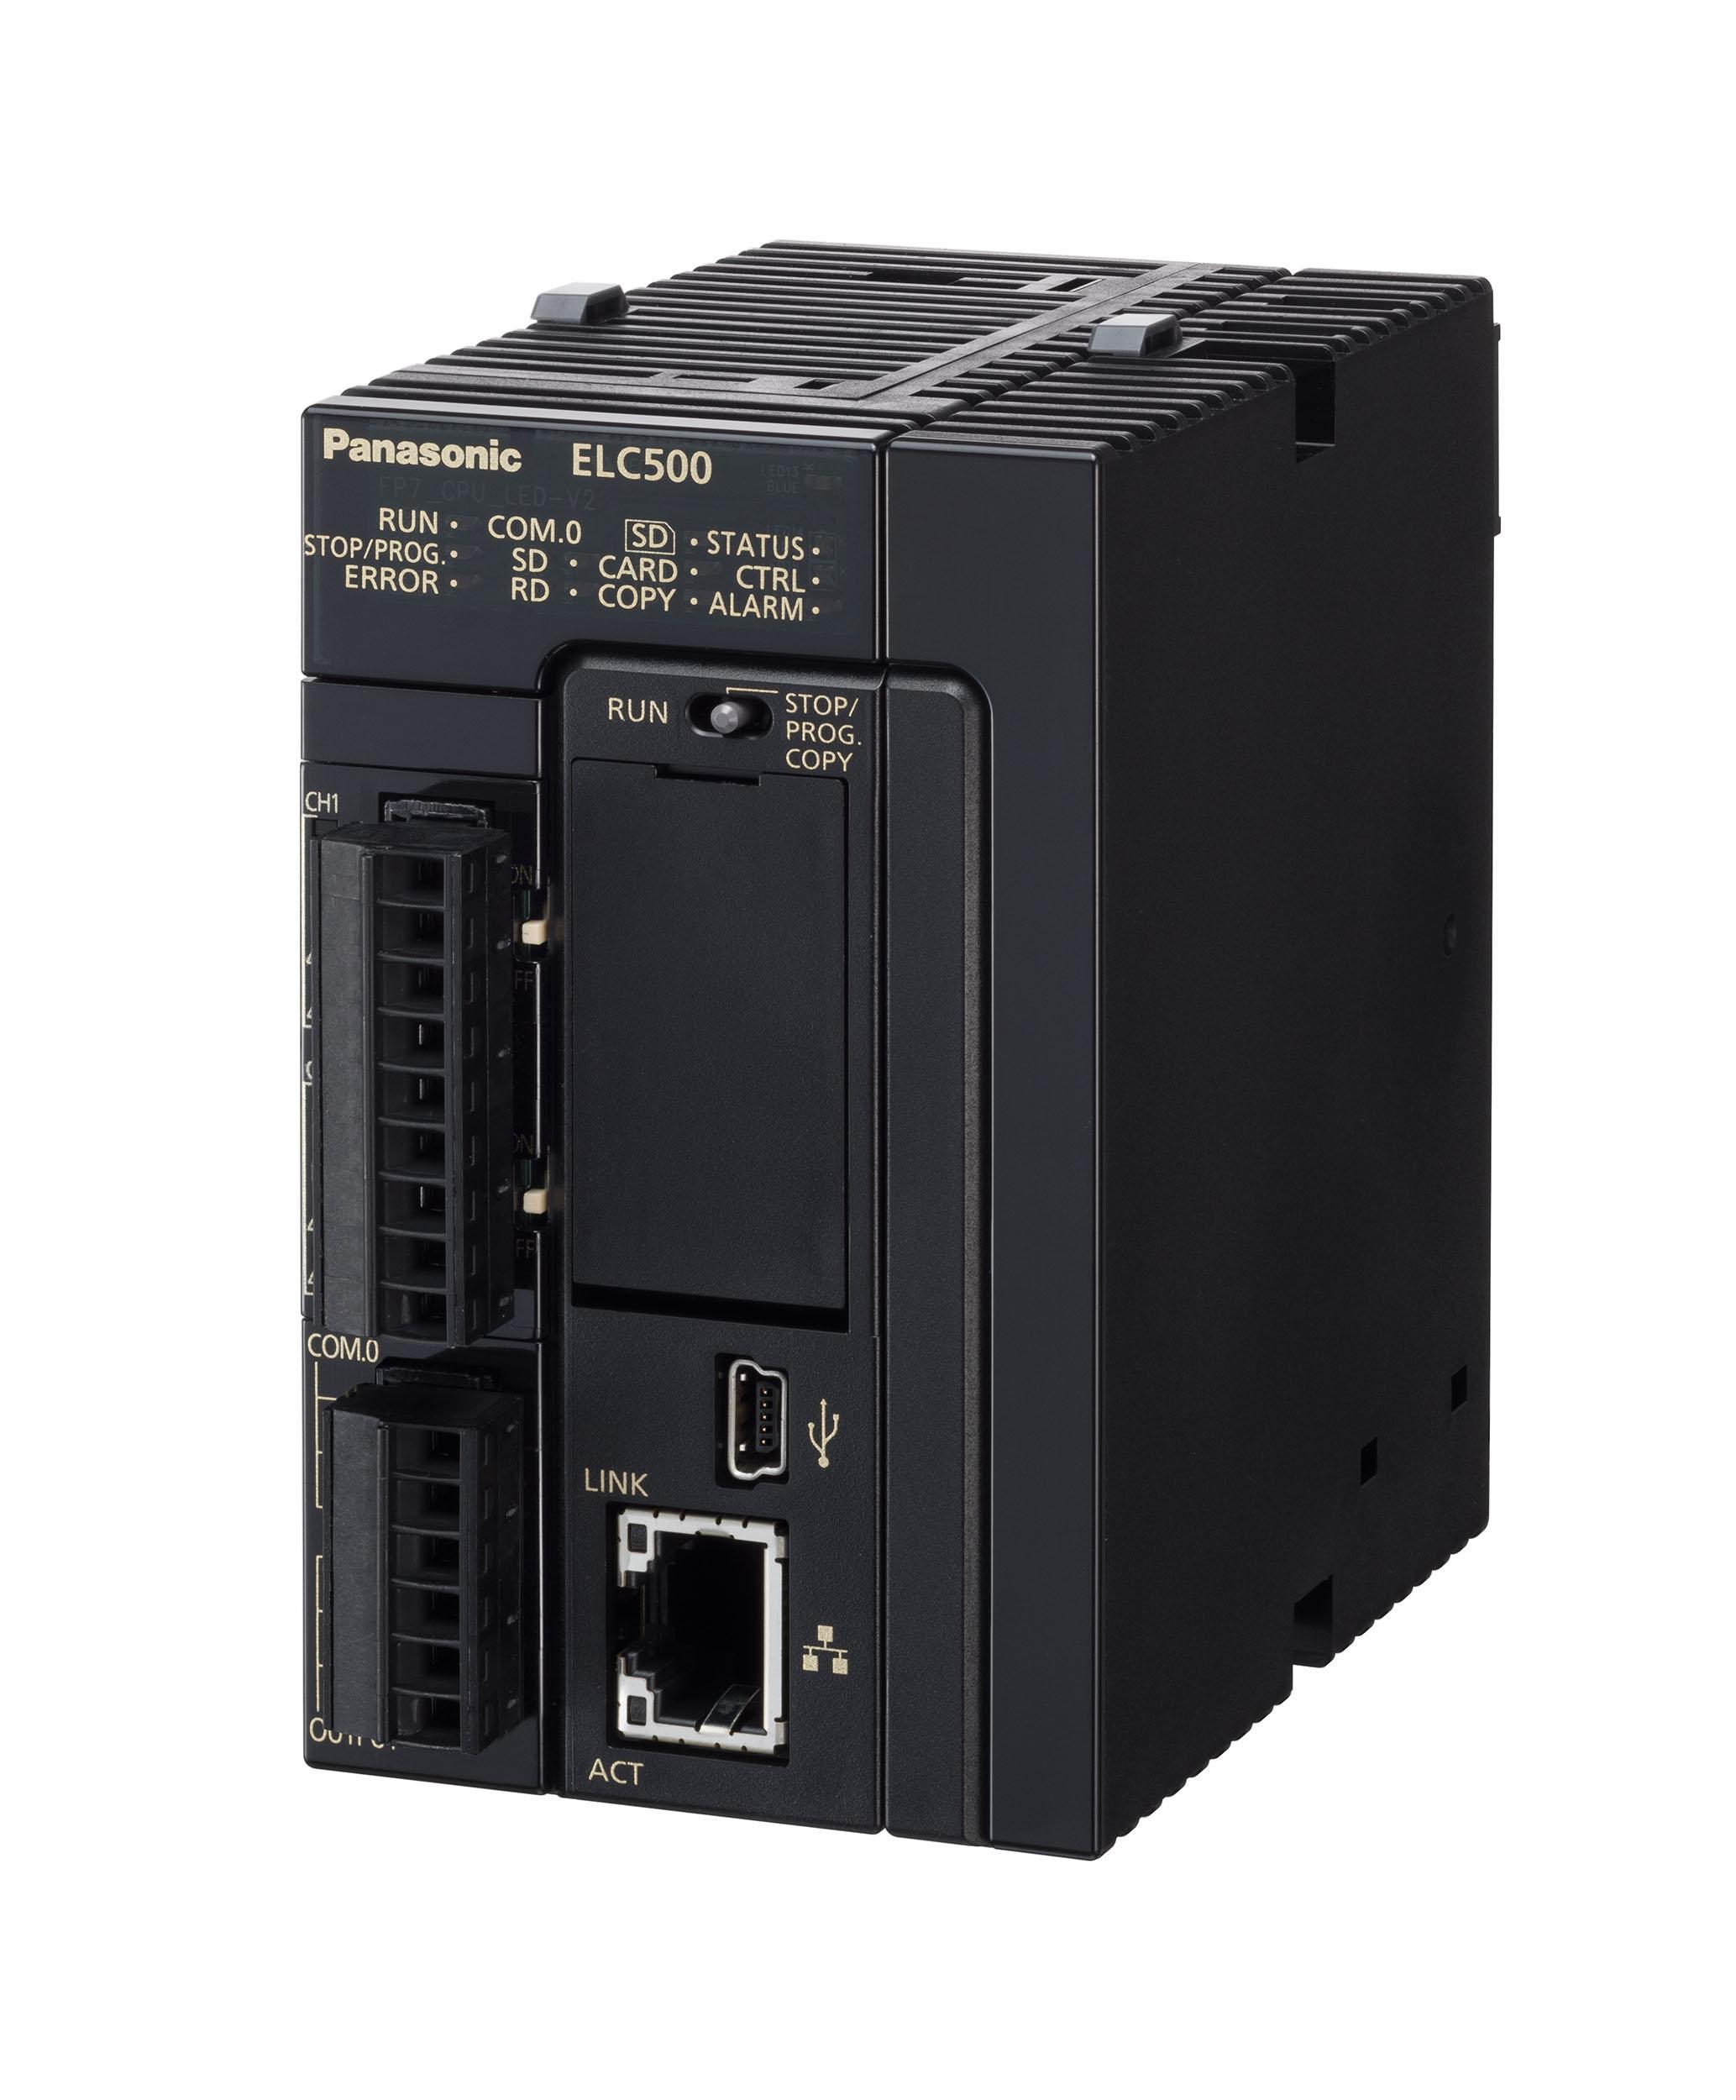 パナソニック「コントロールユニット ELC500」